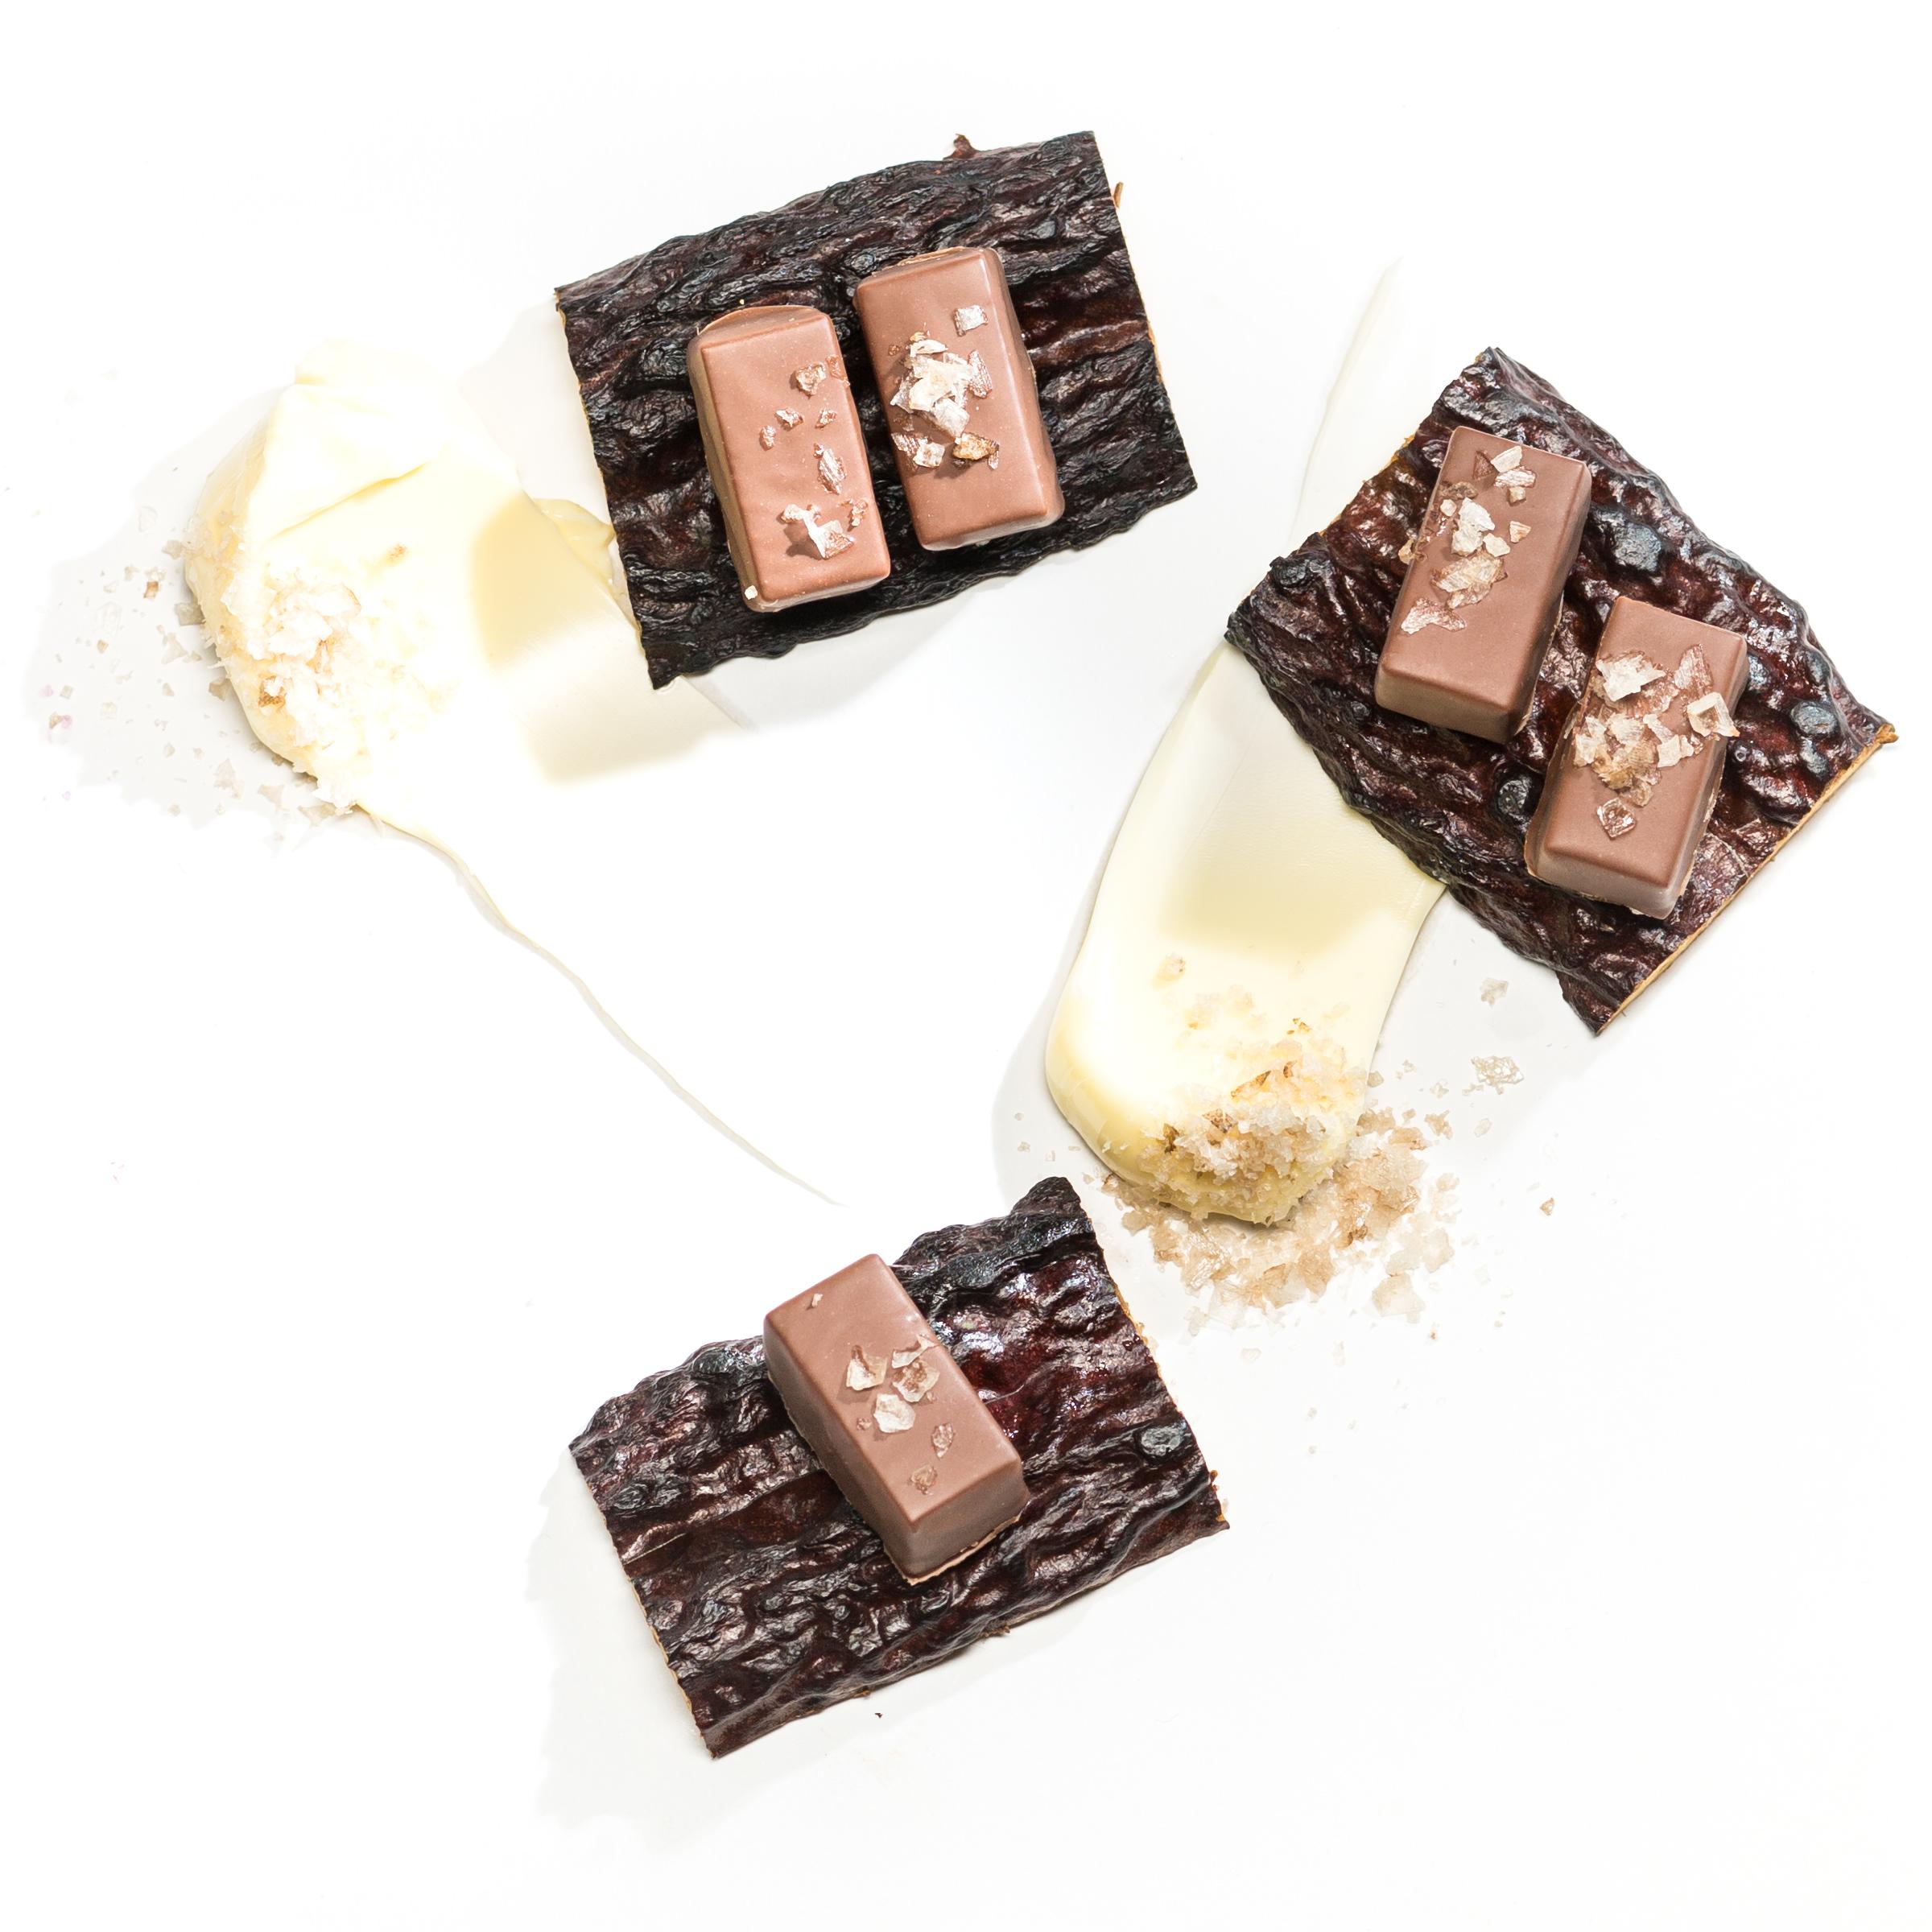 Braune Butter Schokolade